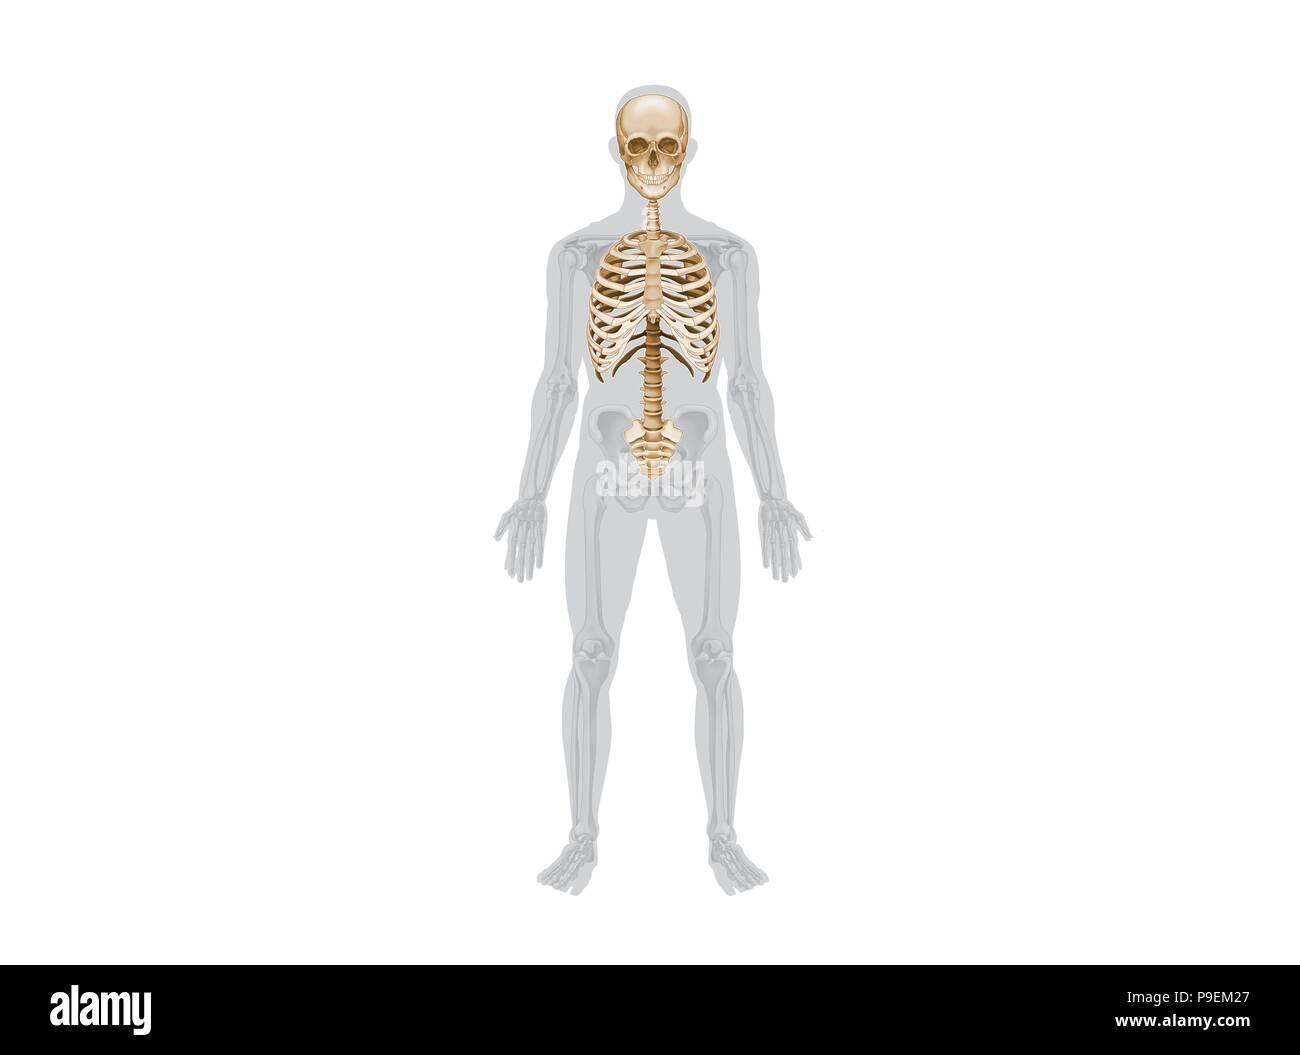 Axial skeleton Stock Photo: 212379391 - Alamy